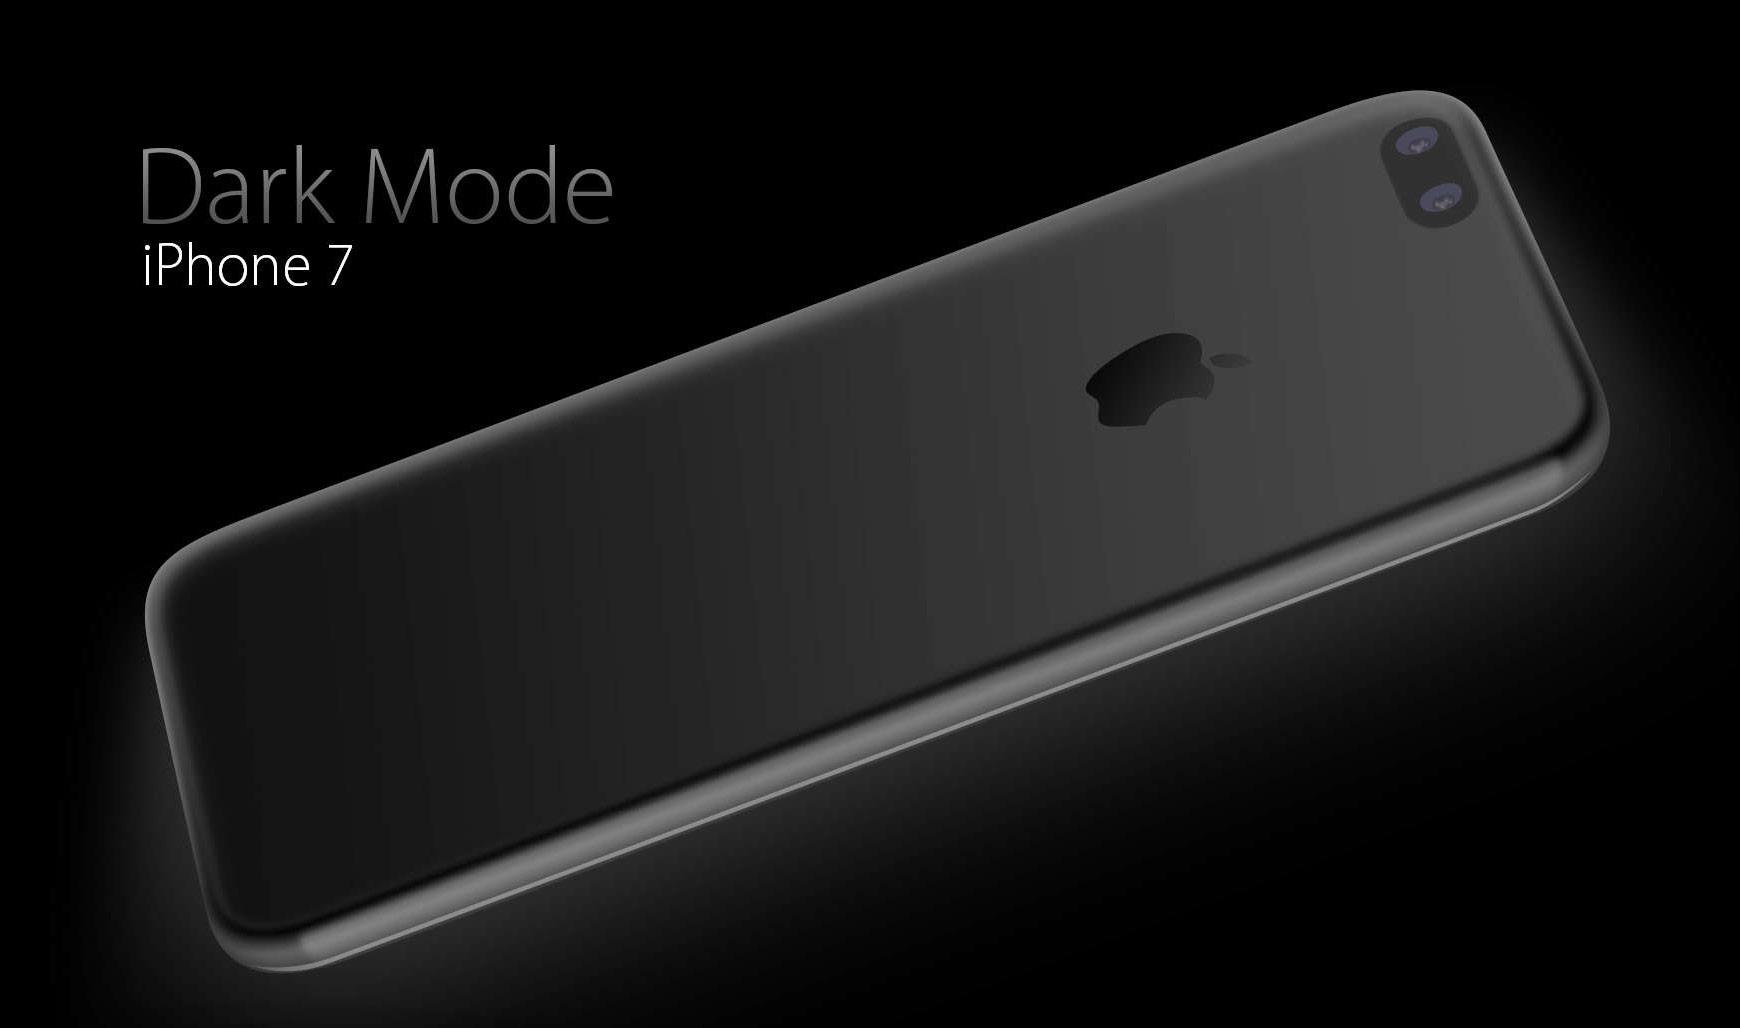 iPhone-7-new-black-4